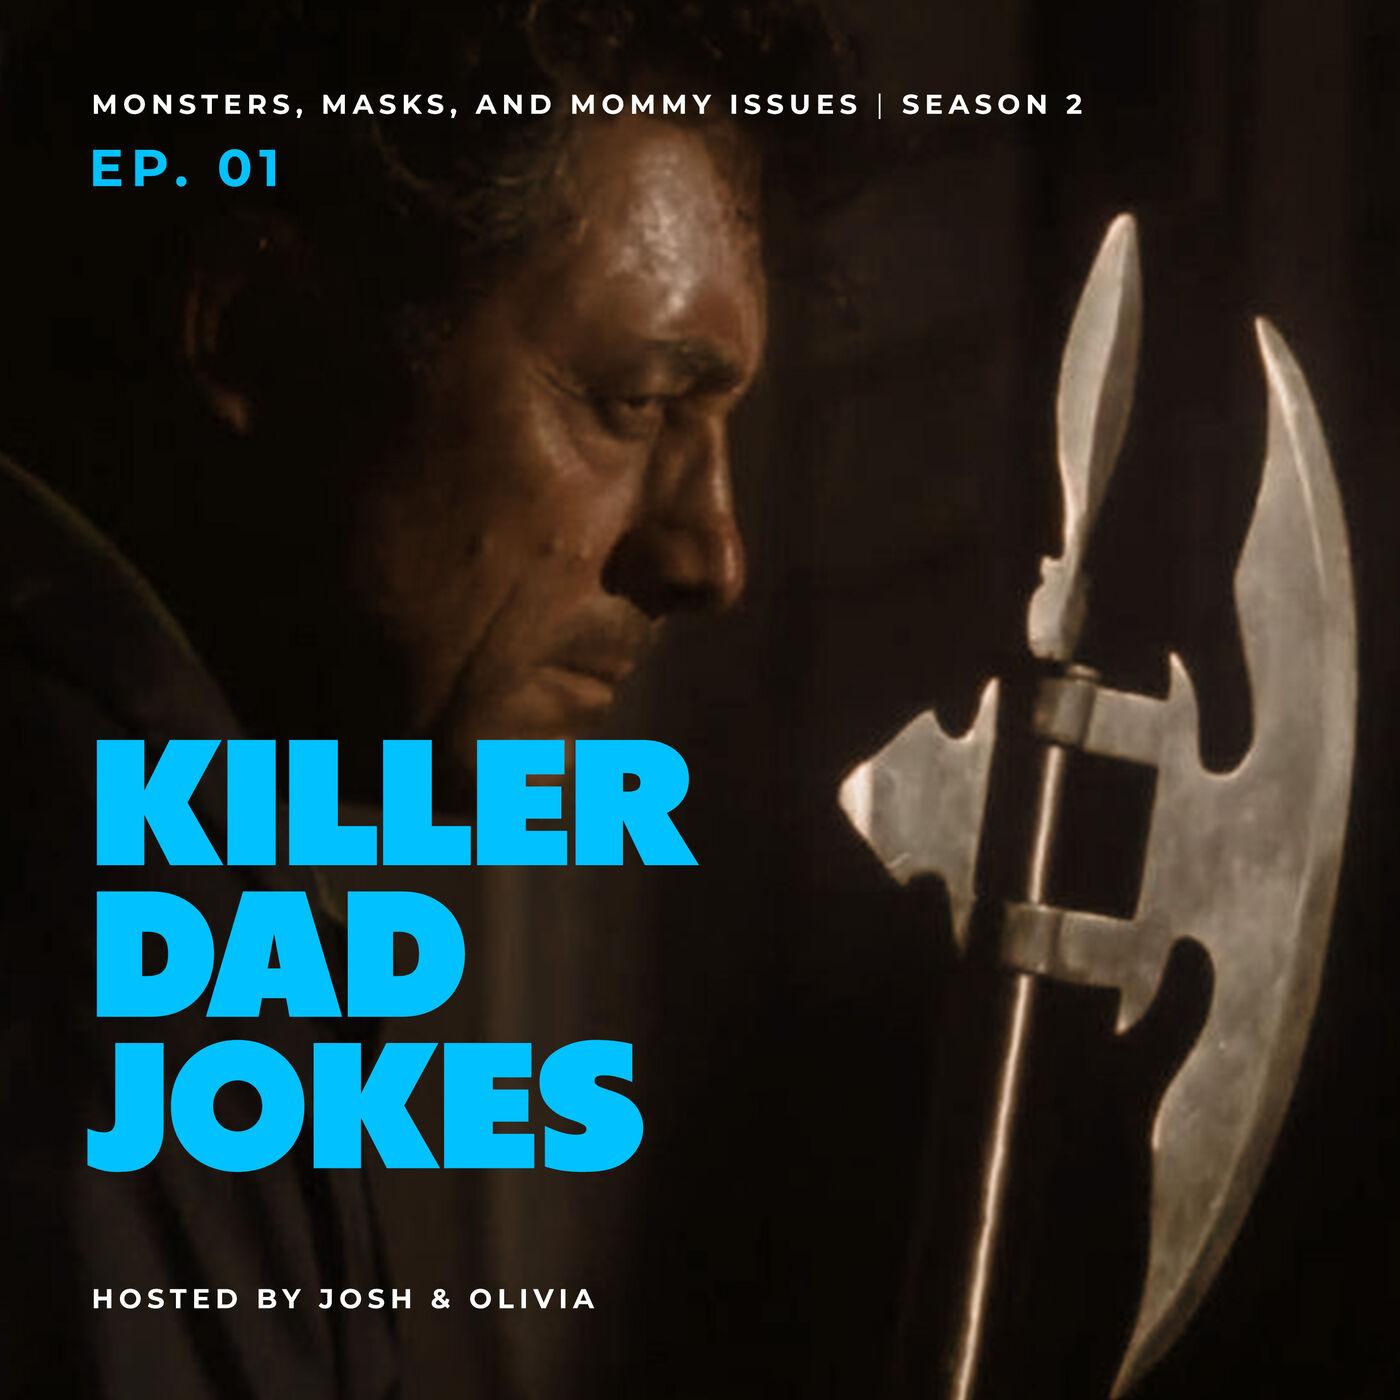 Killer Dad Jokes